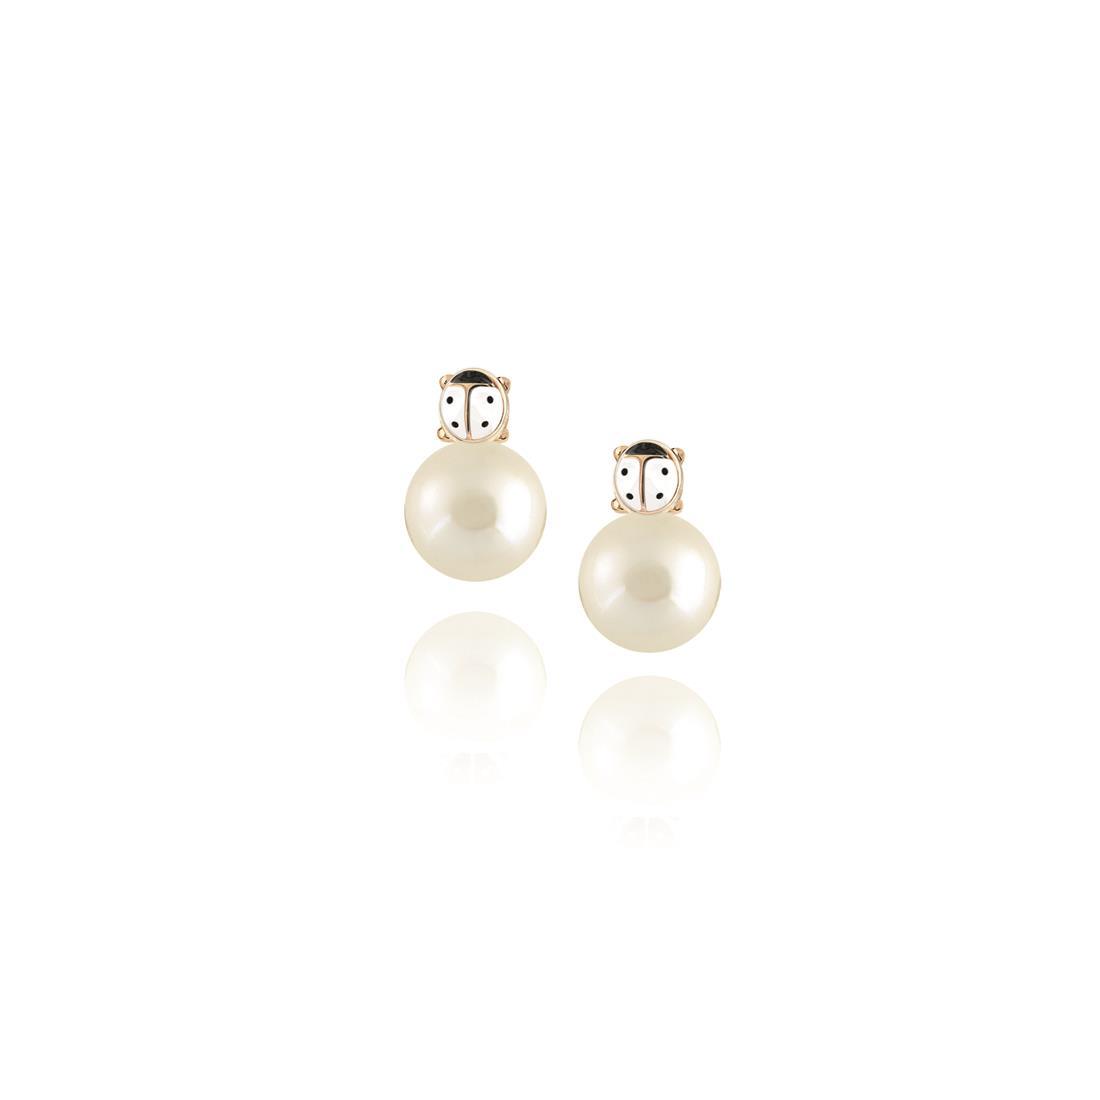 Orecchini in oro 18 kt con perla - ELLA